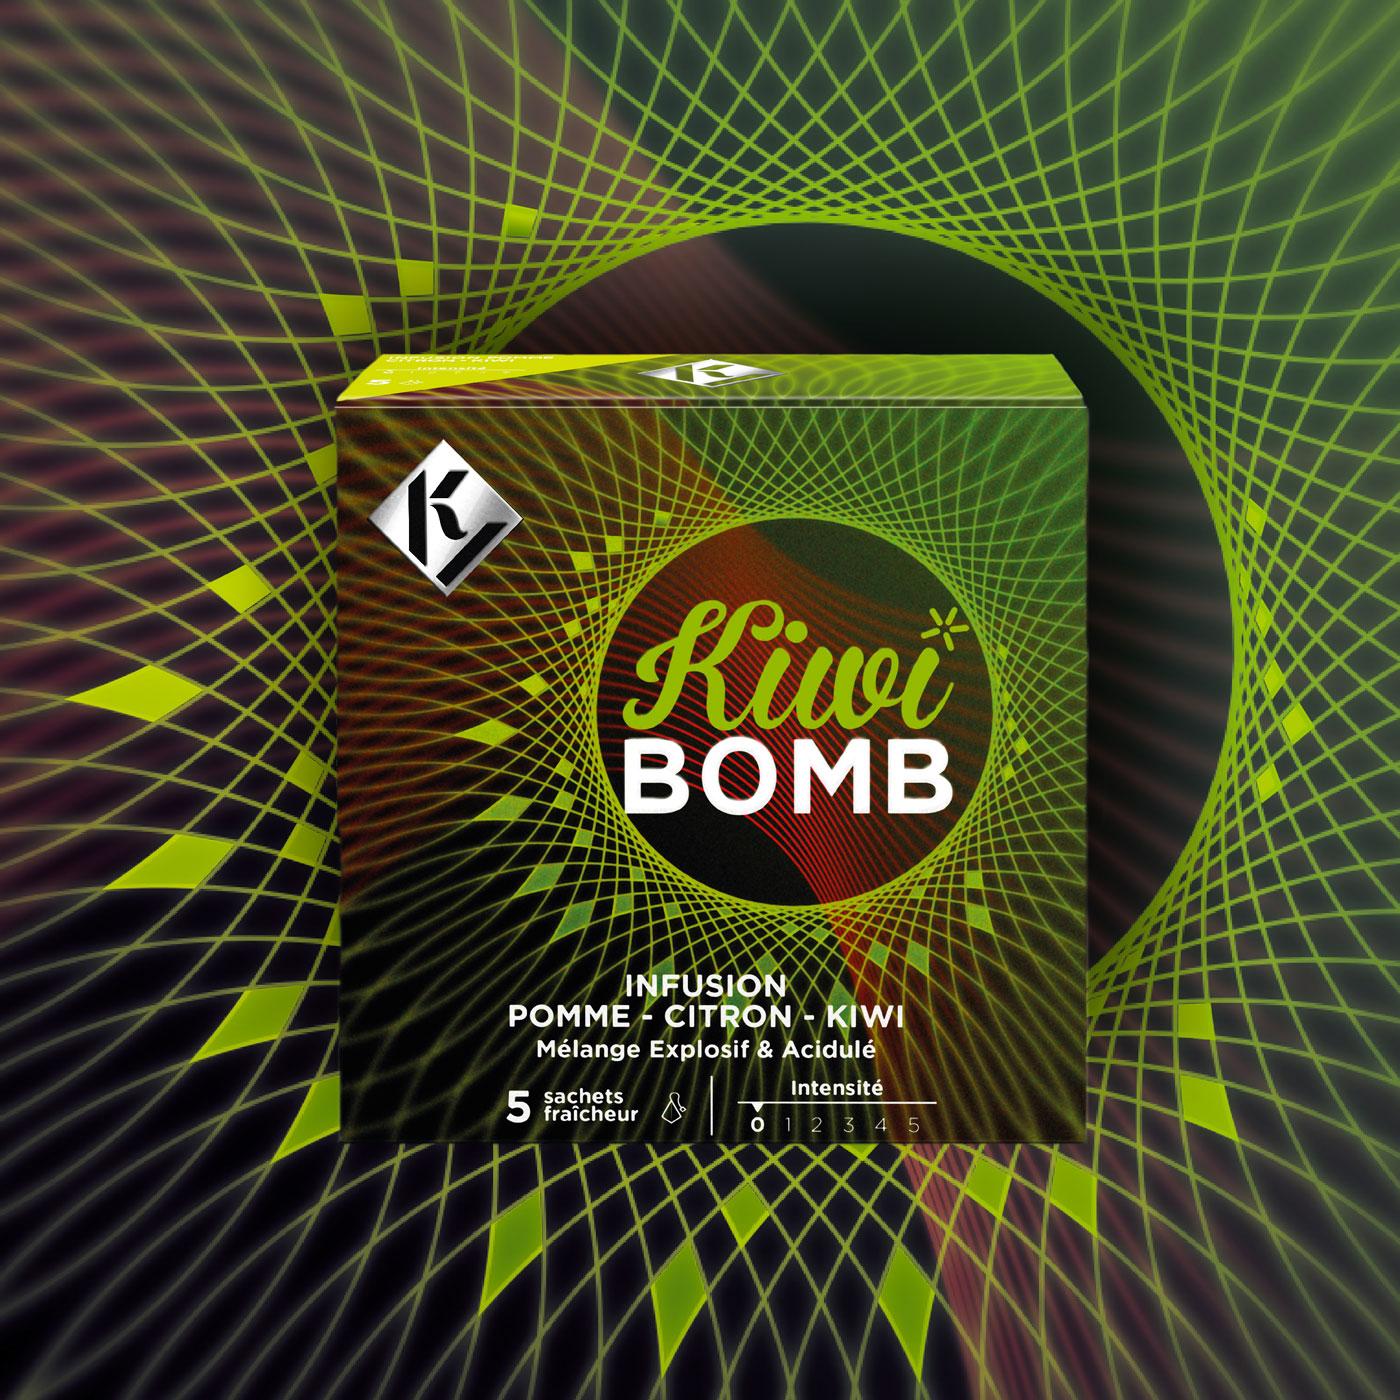 KY Tea - Kiwi BOMB